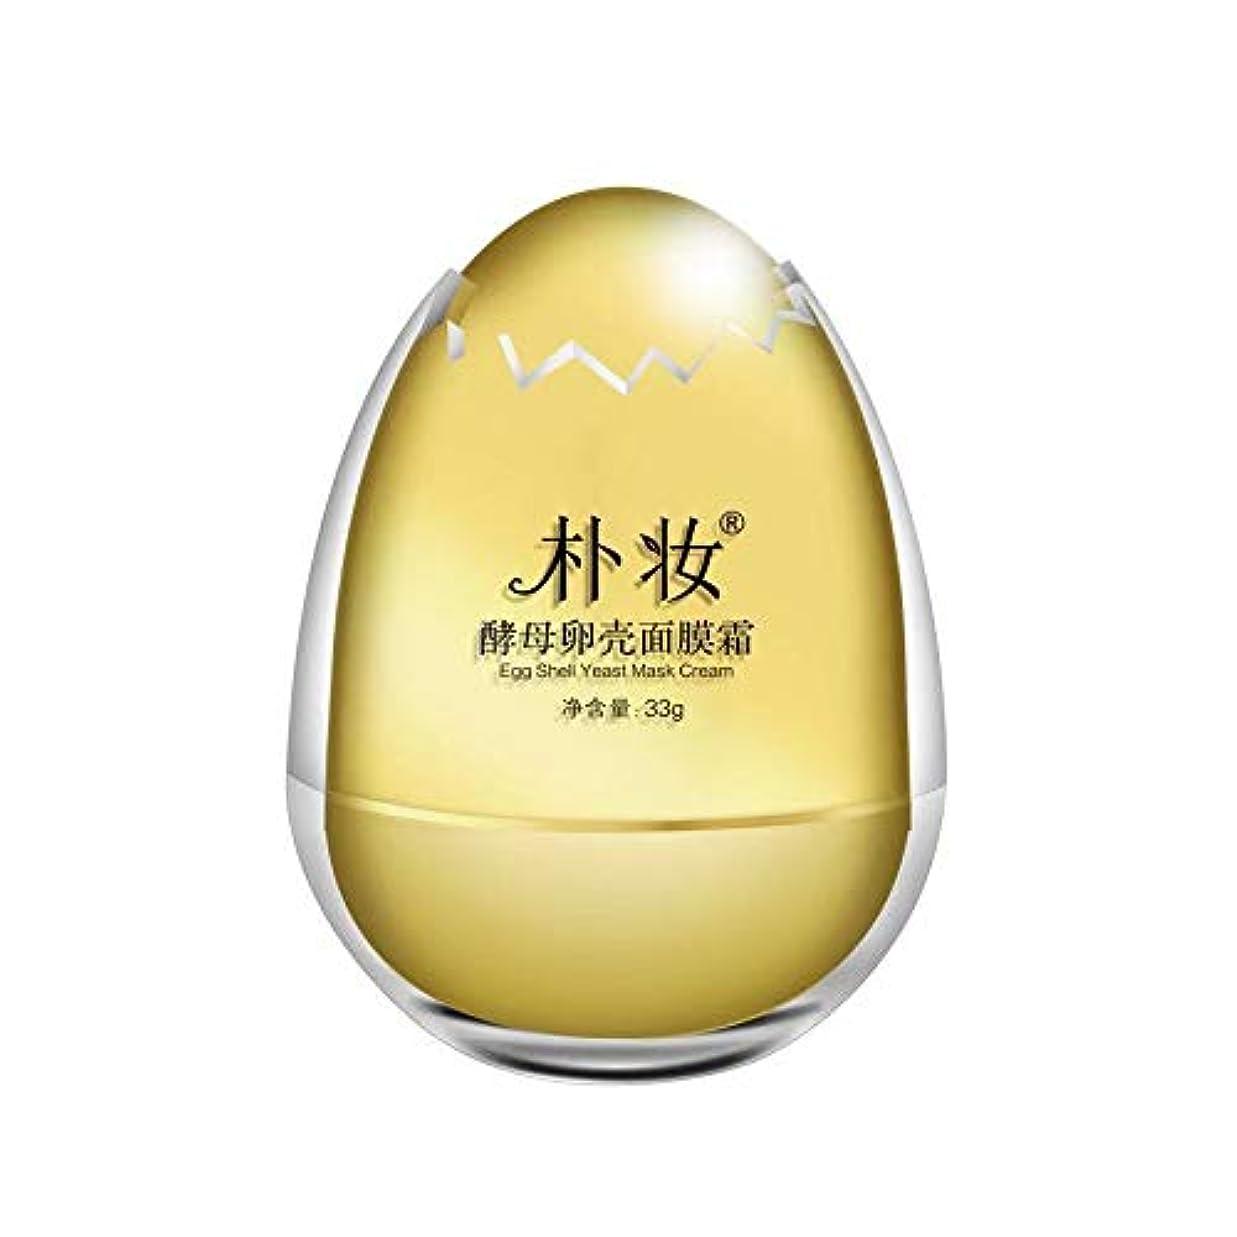 リレーゴシップ慢性的朴妆たんたんパック 酵母卵殻マスククリーム33g しっとりと た肌,シュリンクポア,しわ耐性,肌を引っ張る、